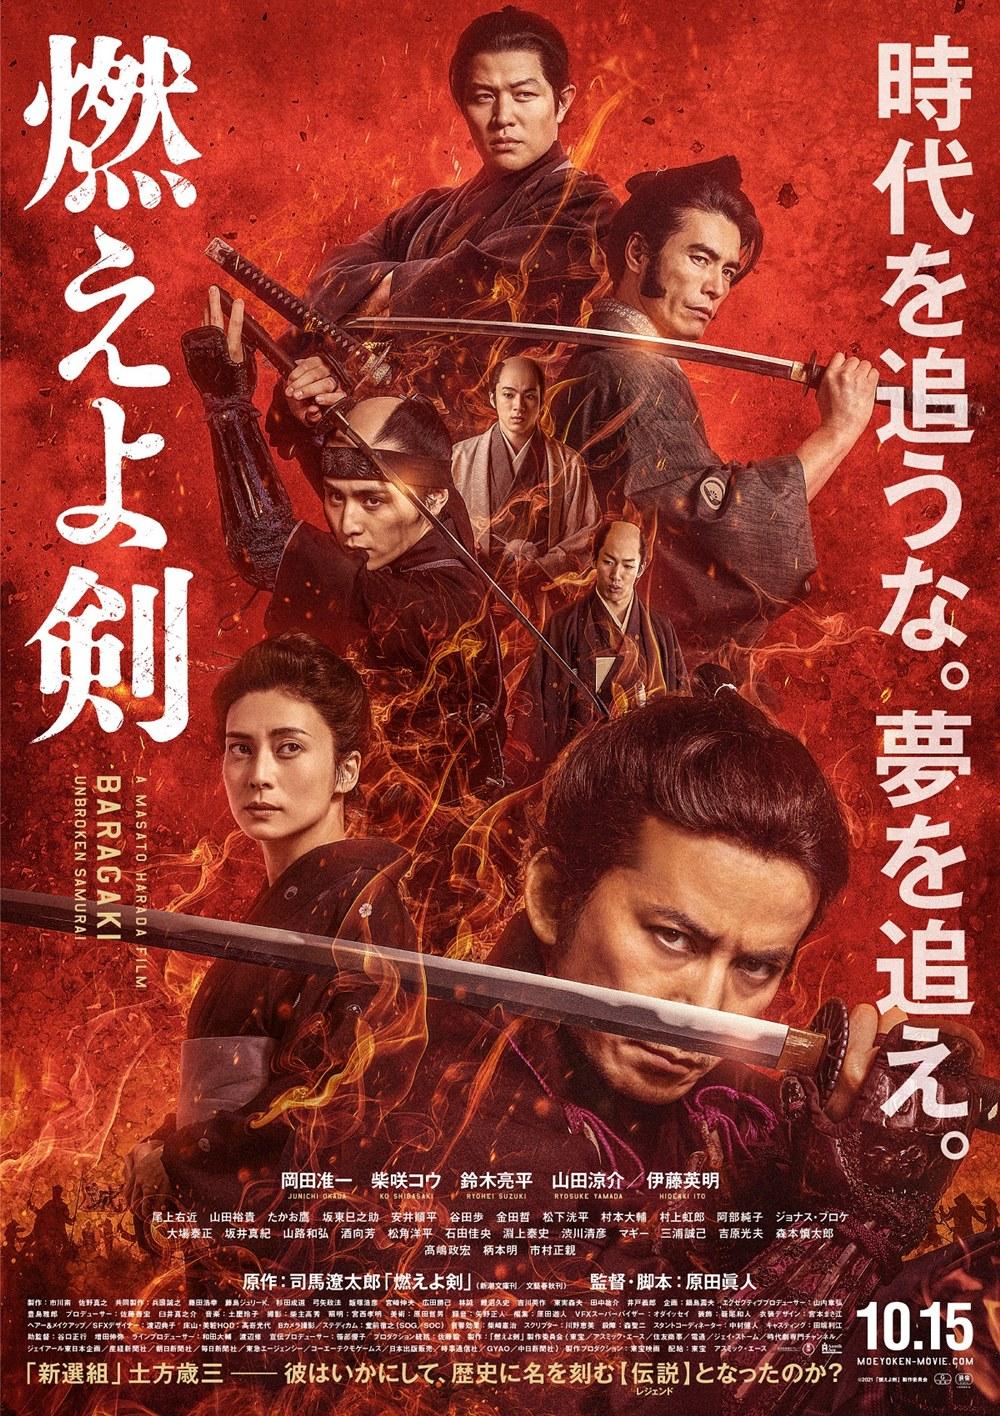 【画像】映画『燃えよ剣』ポスタービジュアル